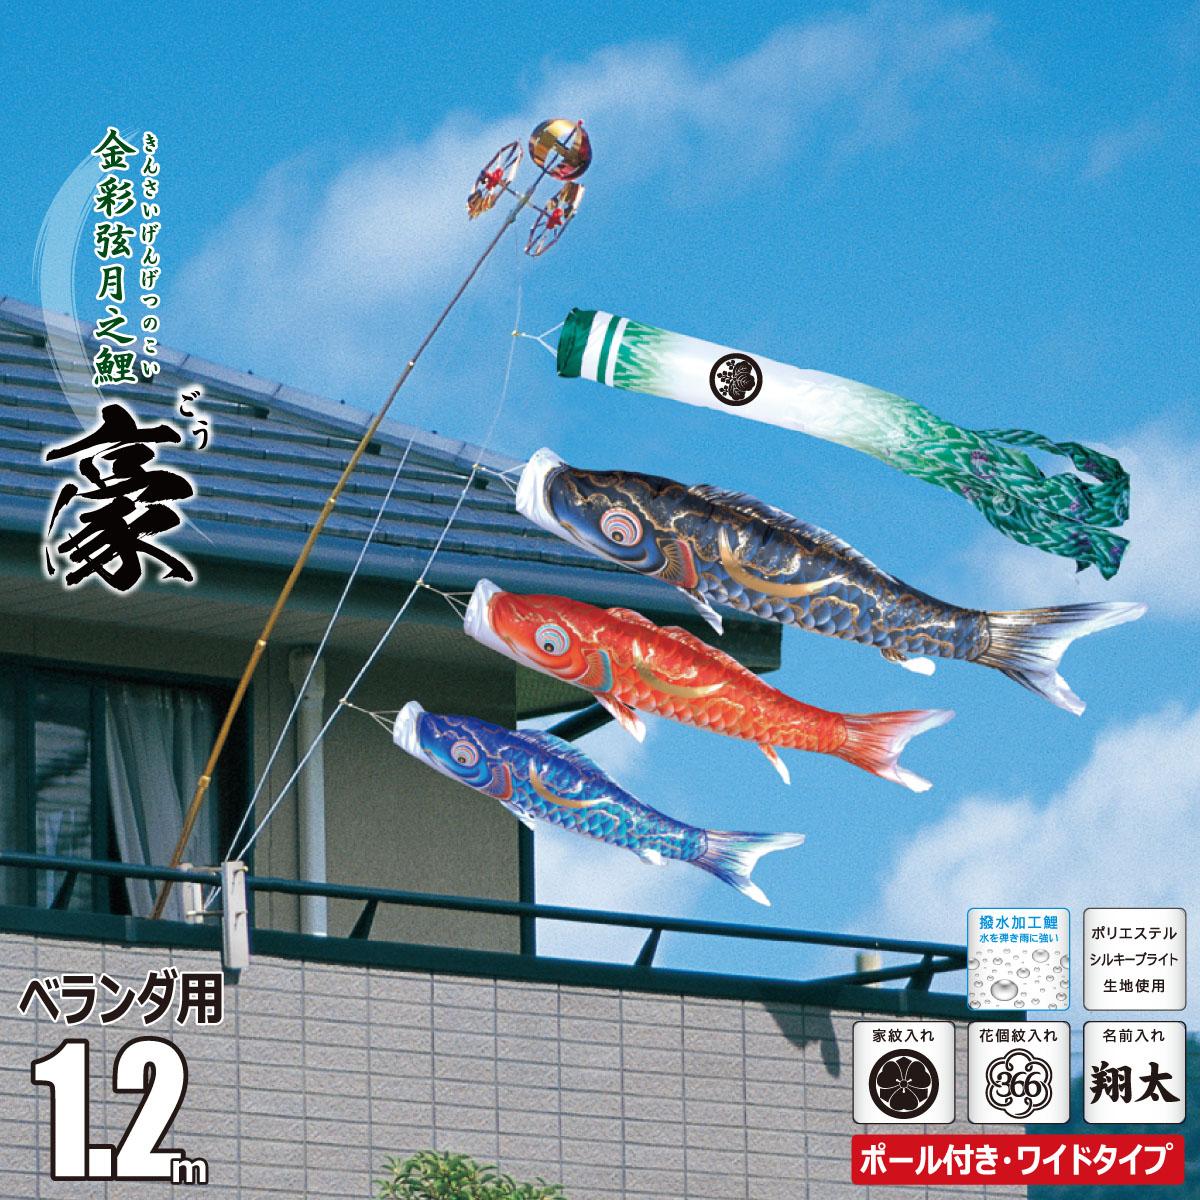 こいのぼり 1.2m 豪(ごう) (矢車、ロープ、吹流し、鯉3匹) ベランダ用 スーパーロイヤルセット (ベランダ用 取付金具付き) 徳永鯉のぼり KIT-121-362